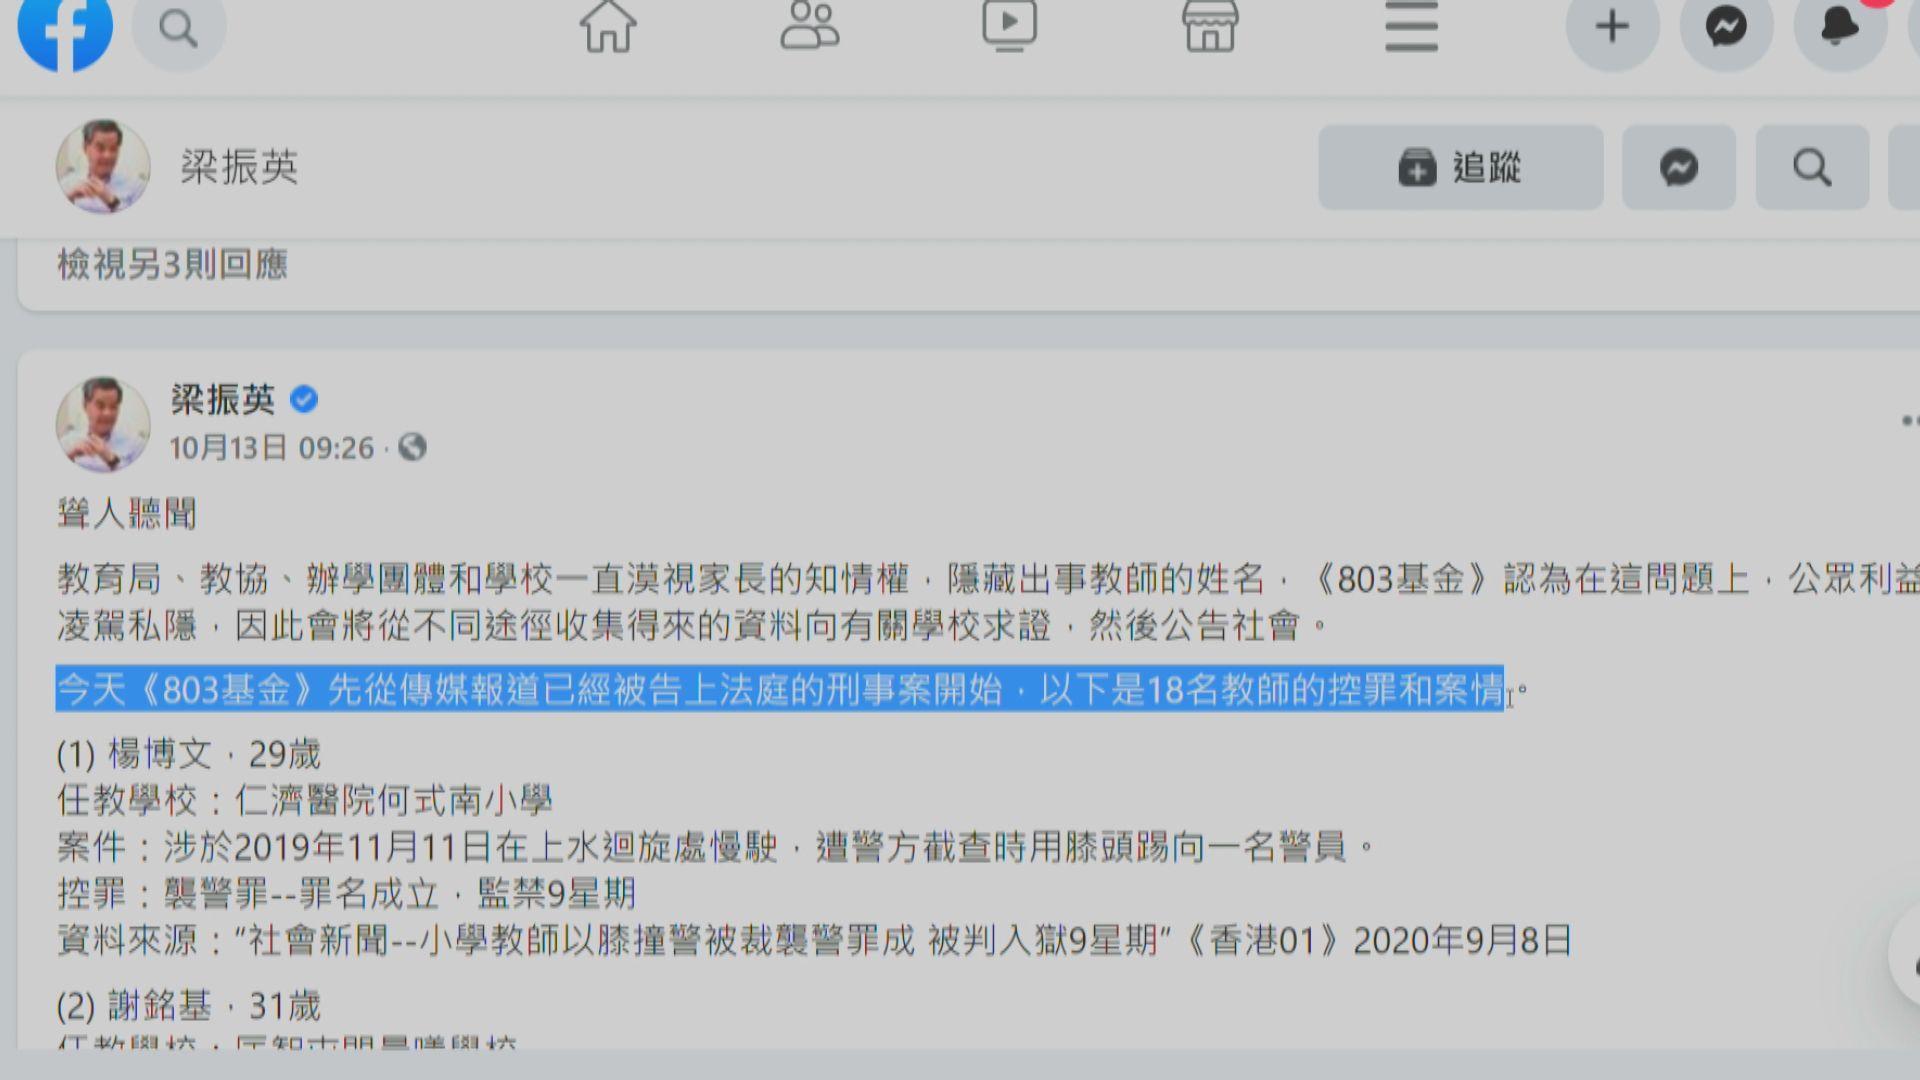 梁振英公開教師控罪資料 私隱專員公署接17宗投訴